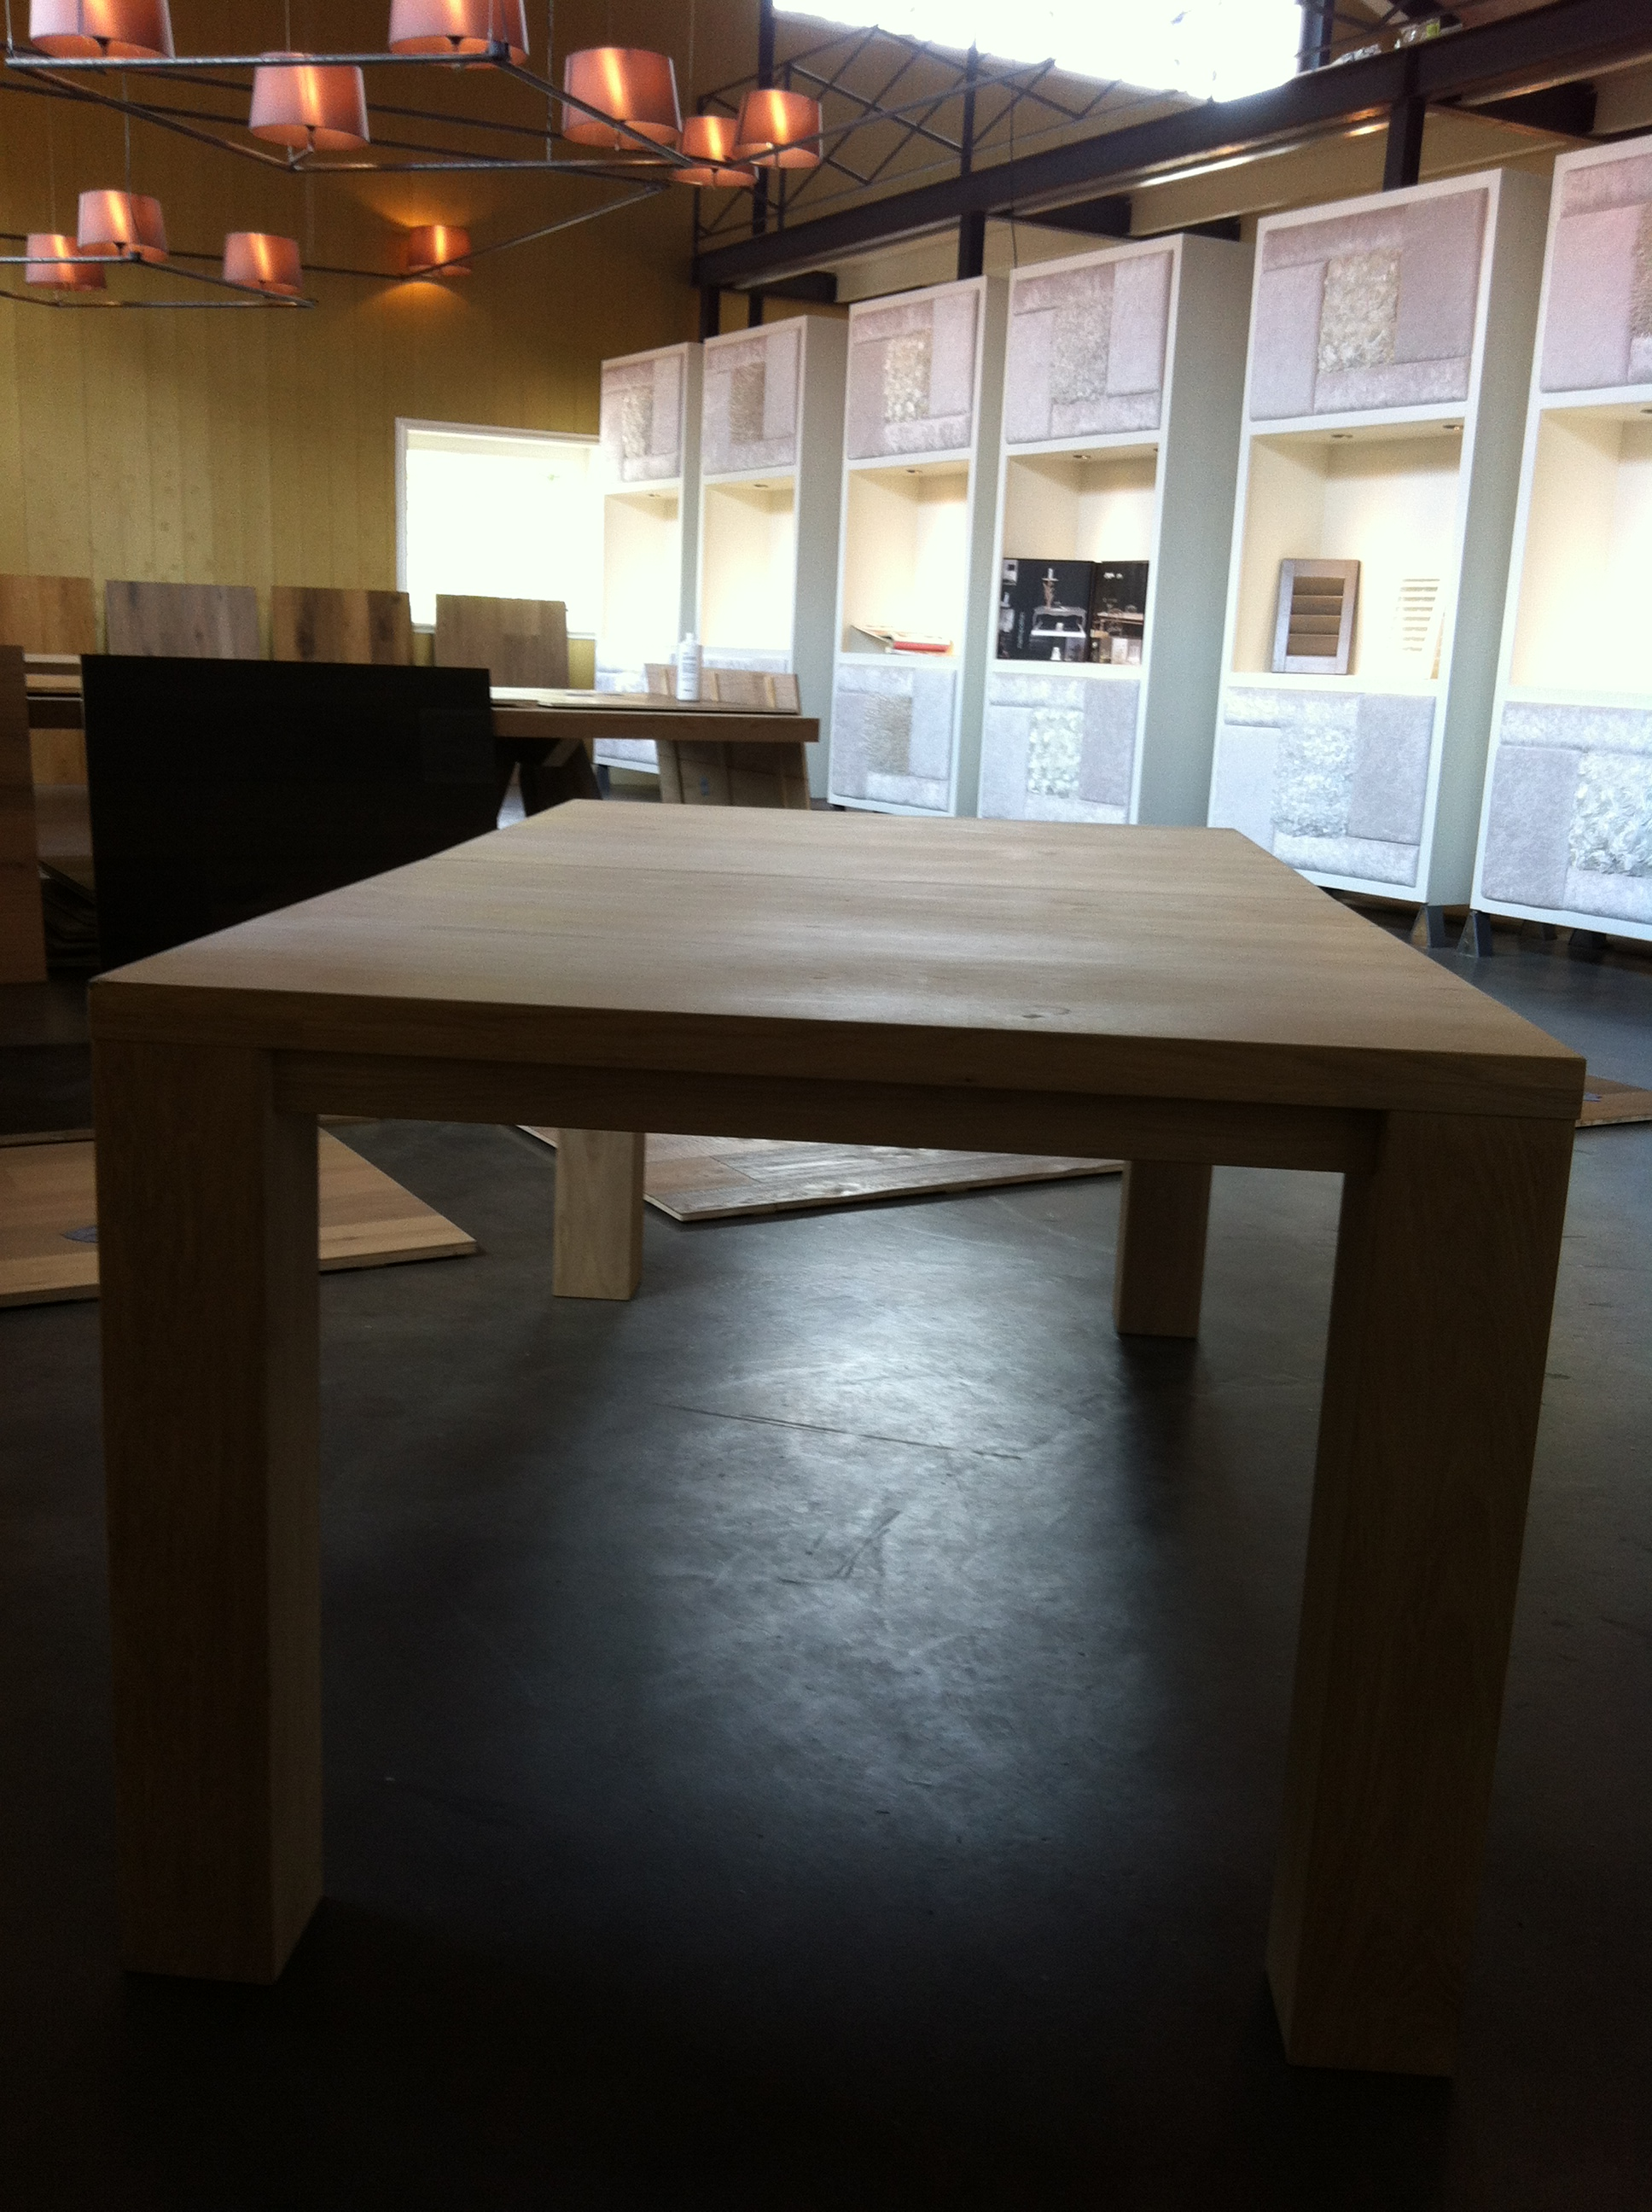 Betonnen salontafel zelf maken steigerhouten kast unieke kast gemaakt van gebruikt steigerhout - Uitschuifbare kast ...